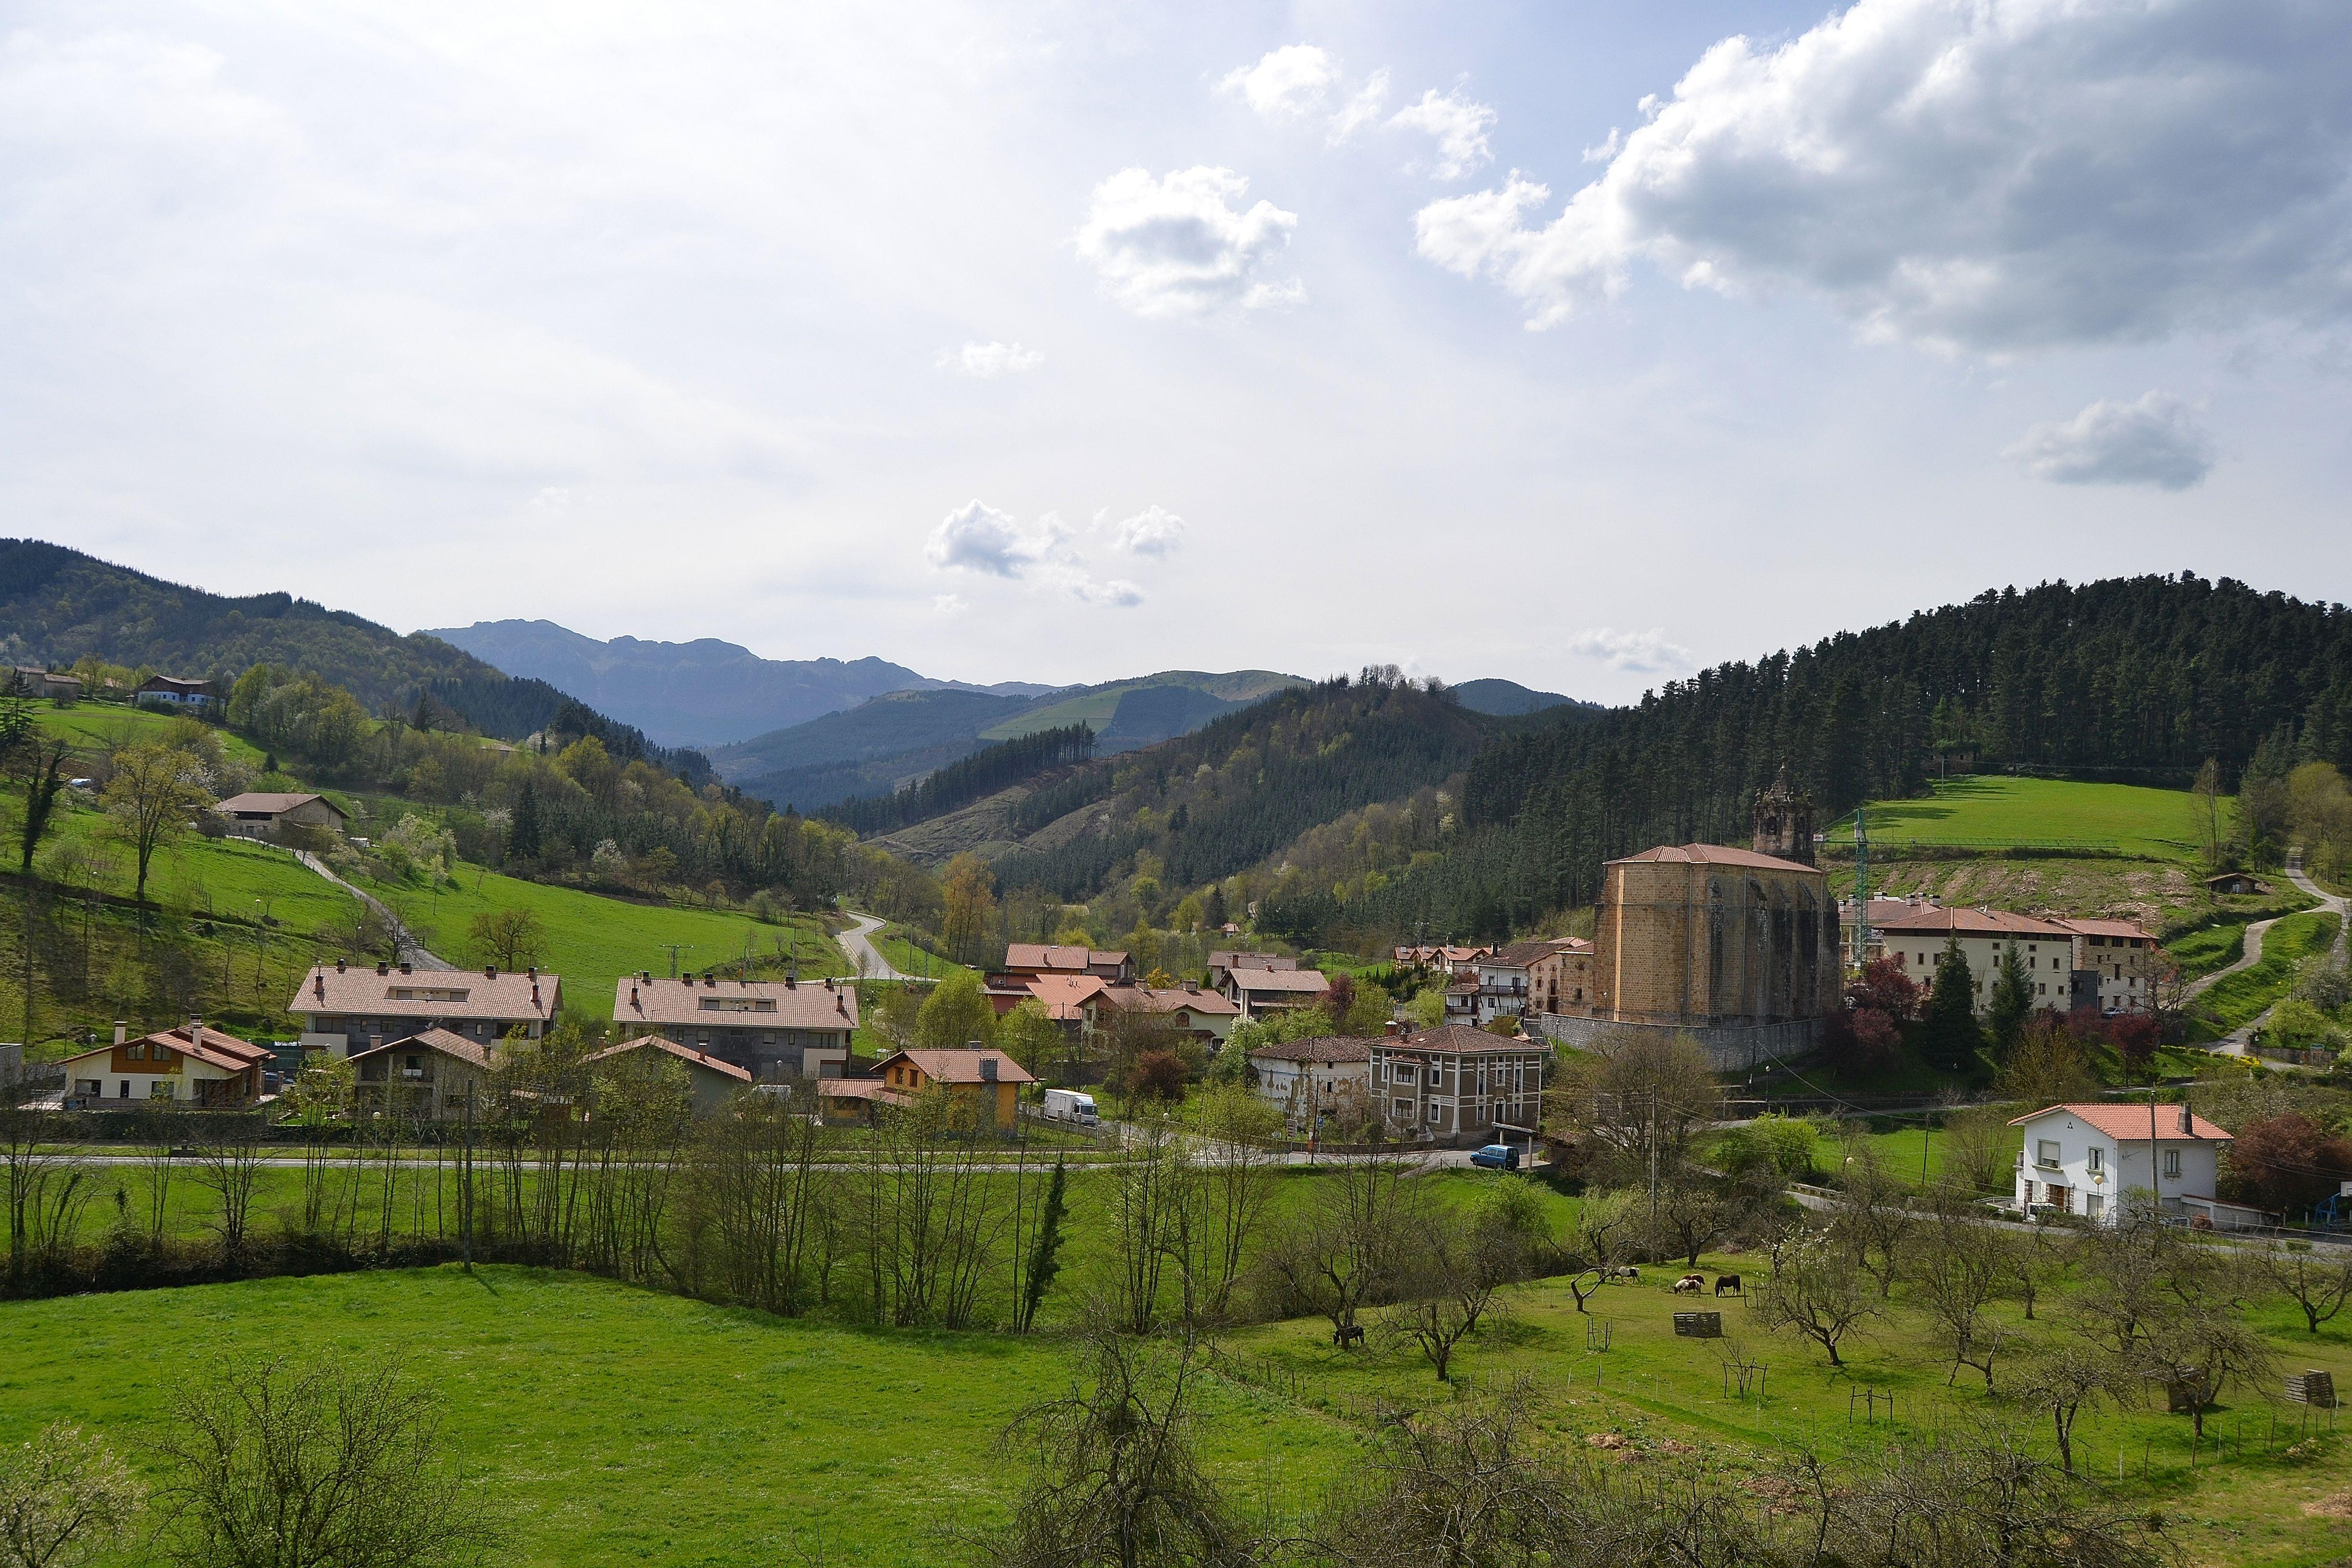 Mutiloa (Guipúzcoa) - Qué visitar en el País Vasco